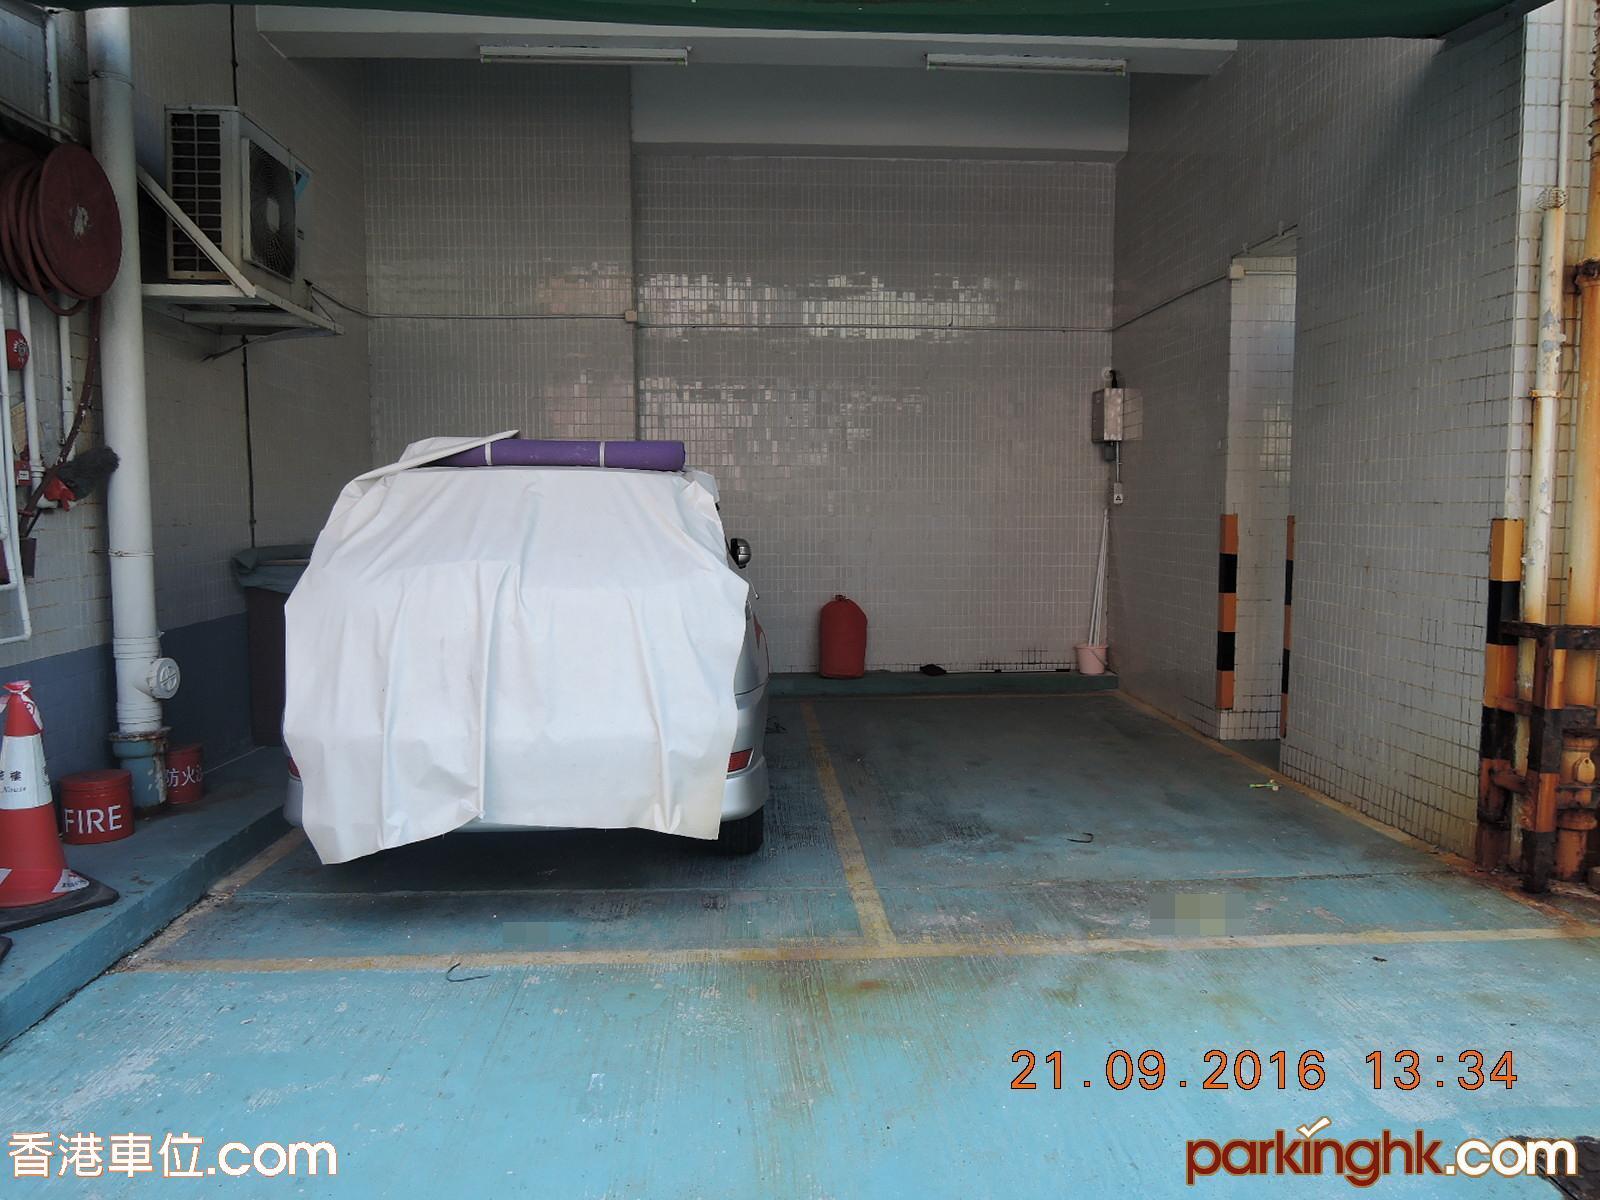 柴灣車位 永平街 新德樓 車位 圖片 香港車位.com ParkingHK.com